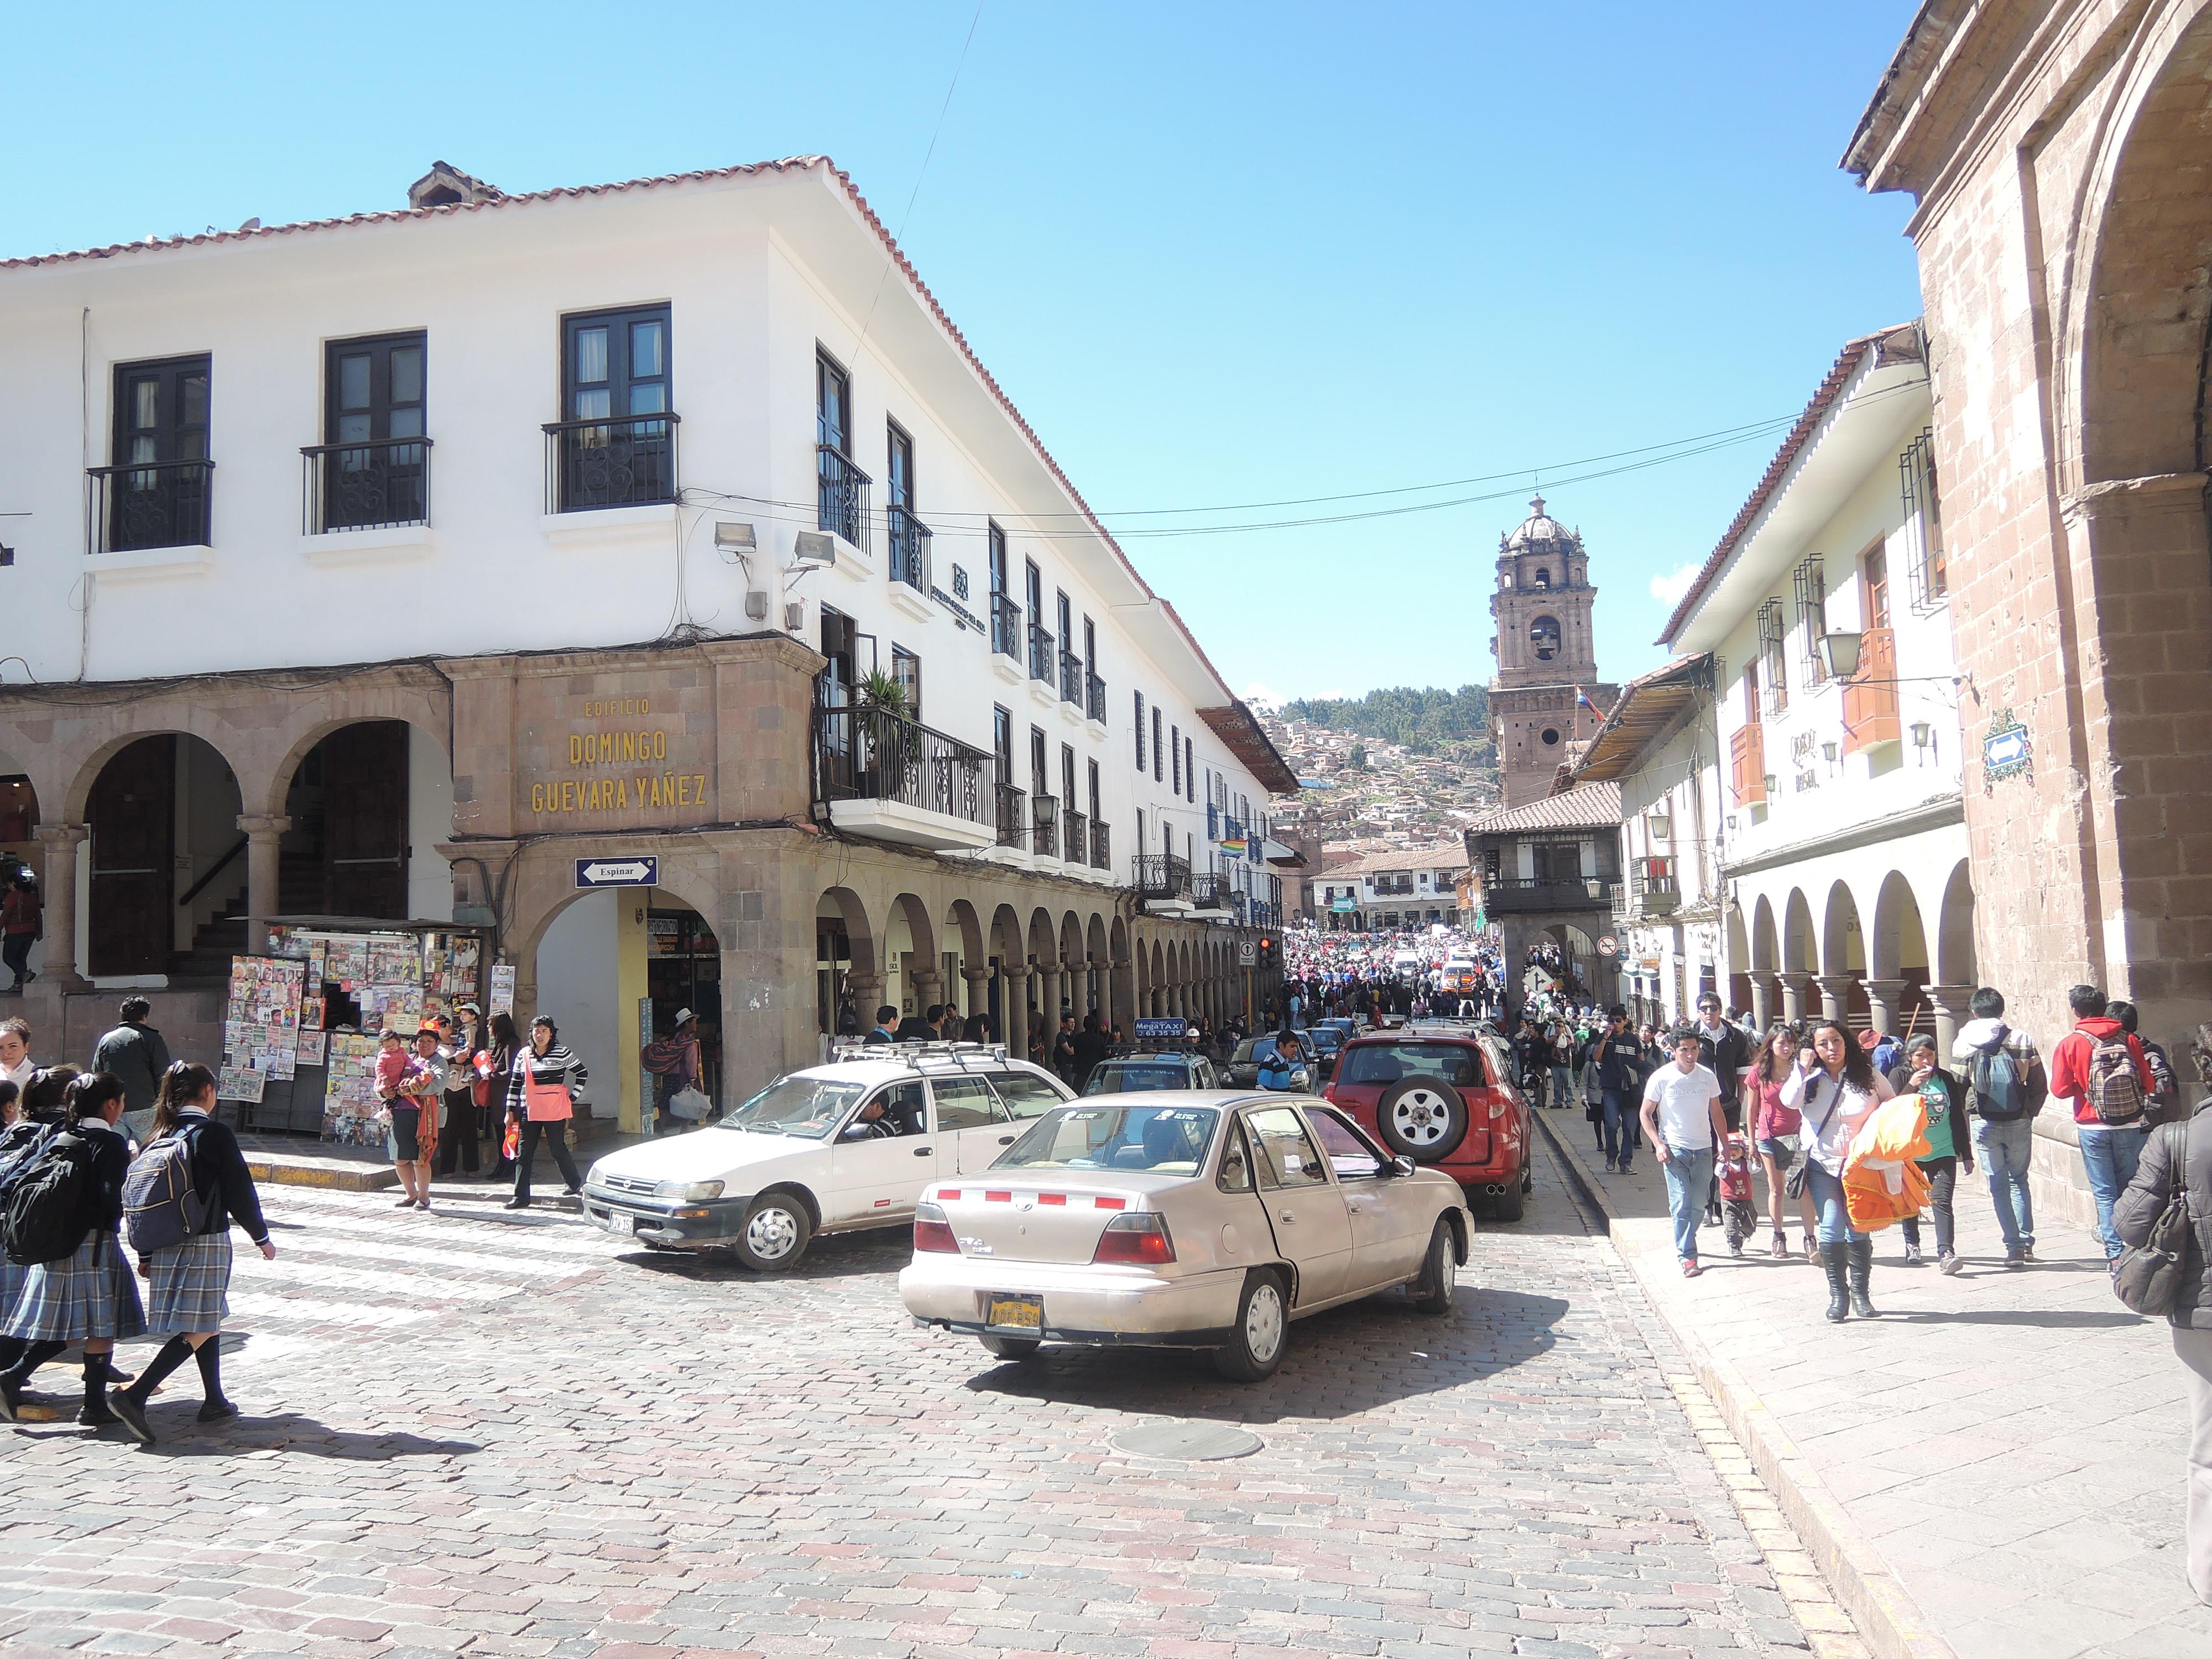 那高山, 庫斯科是一個海拔約3400公尺的城市,大家都在找解答。Cuzco 的海拔跟西藏拉薩差不多, 人口約30萬人,海拔有3400公尺(11024英尺), 庫斯科省的首府,周邊地勢也是多石少土,歇宿一晚再飛 庫斯科 ,人口約30萬。這裡是印加帝國的搖籃, 它的名字在秘魯當地話中(蓋丘亞語)意味著「肚臍」,海拔約3400公尺,那海拔,看似陽光充足炎熱,那海拔,祕魯庫斯科 – WHERE IS YORK